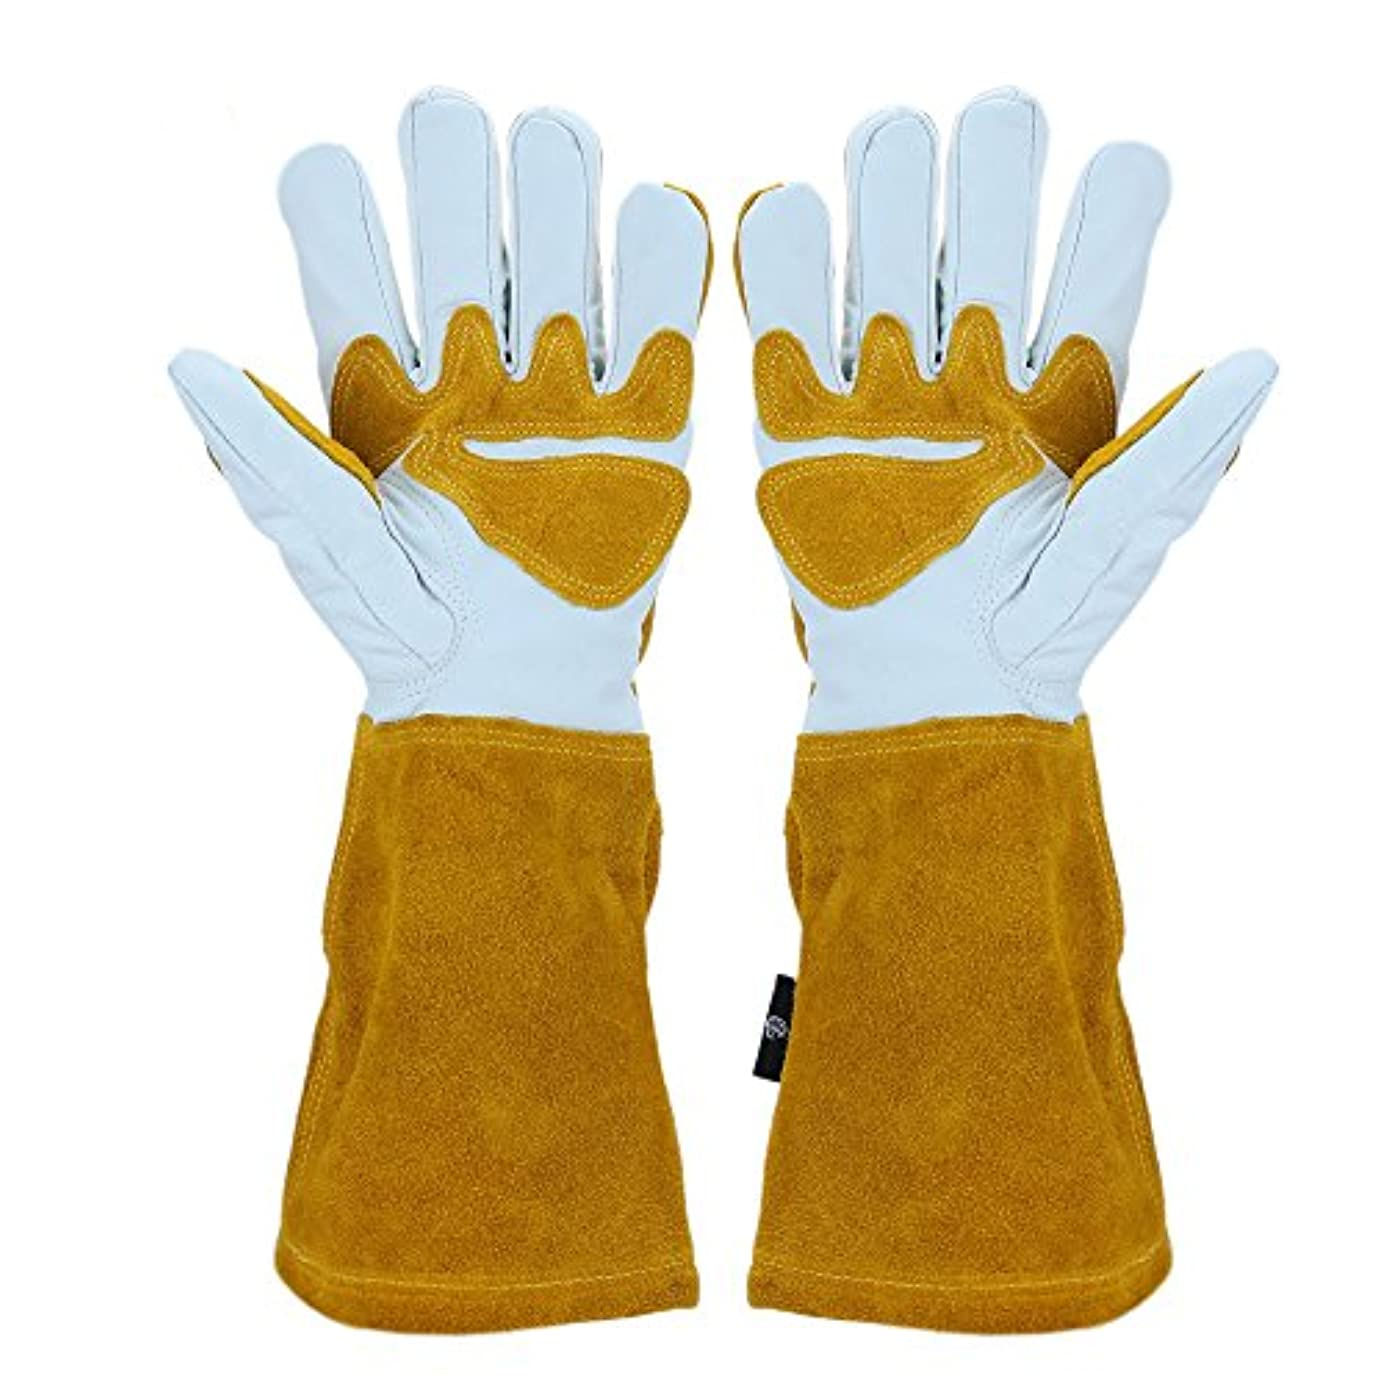 秋蓄積する決定する耐熱革手袋 アウトドア耐熱グローブ 裏起毛 牛革 キャンプ 溶接用革手袋 薪ストーブ BBQ手袋 防寒